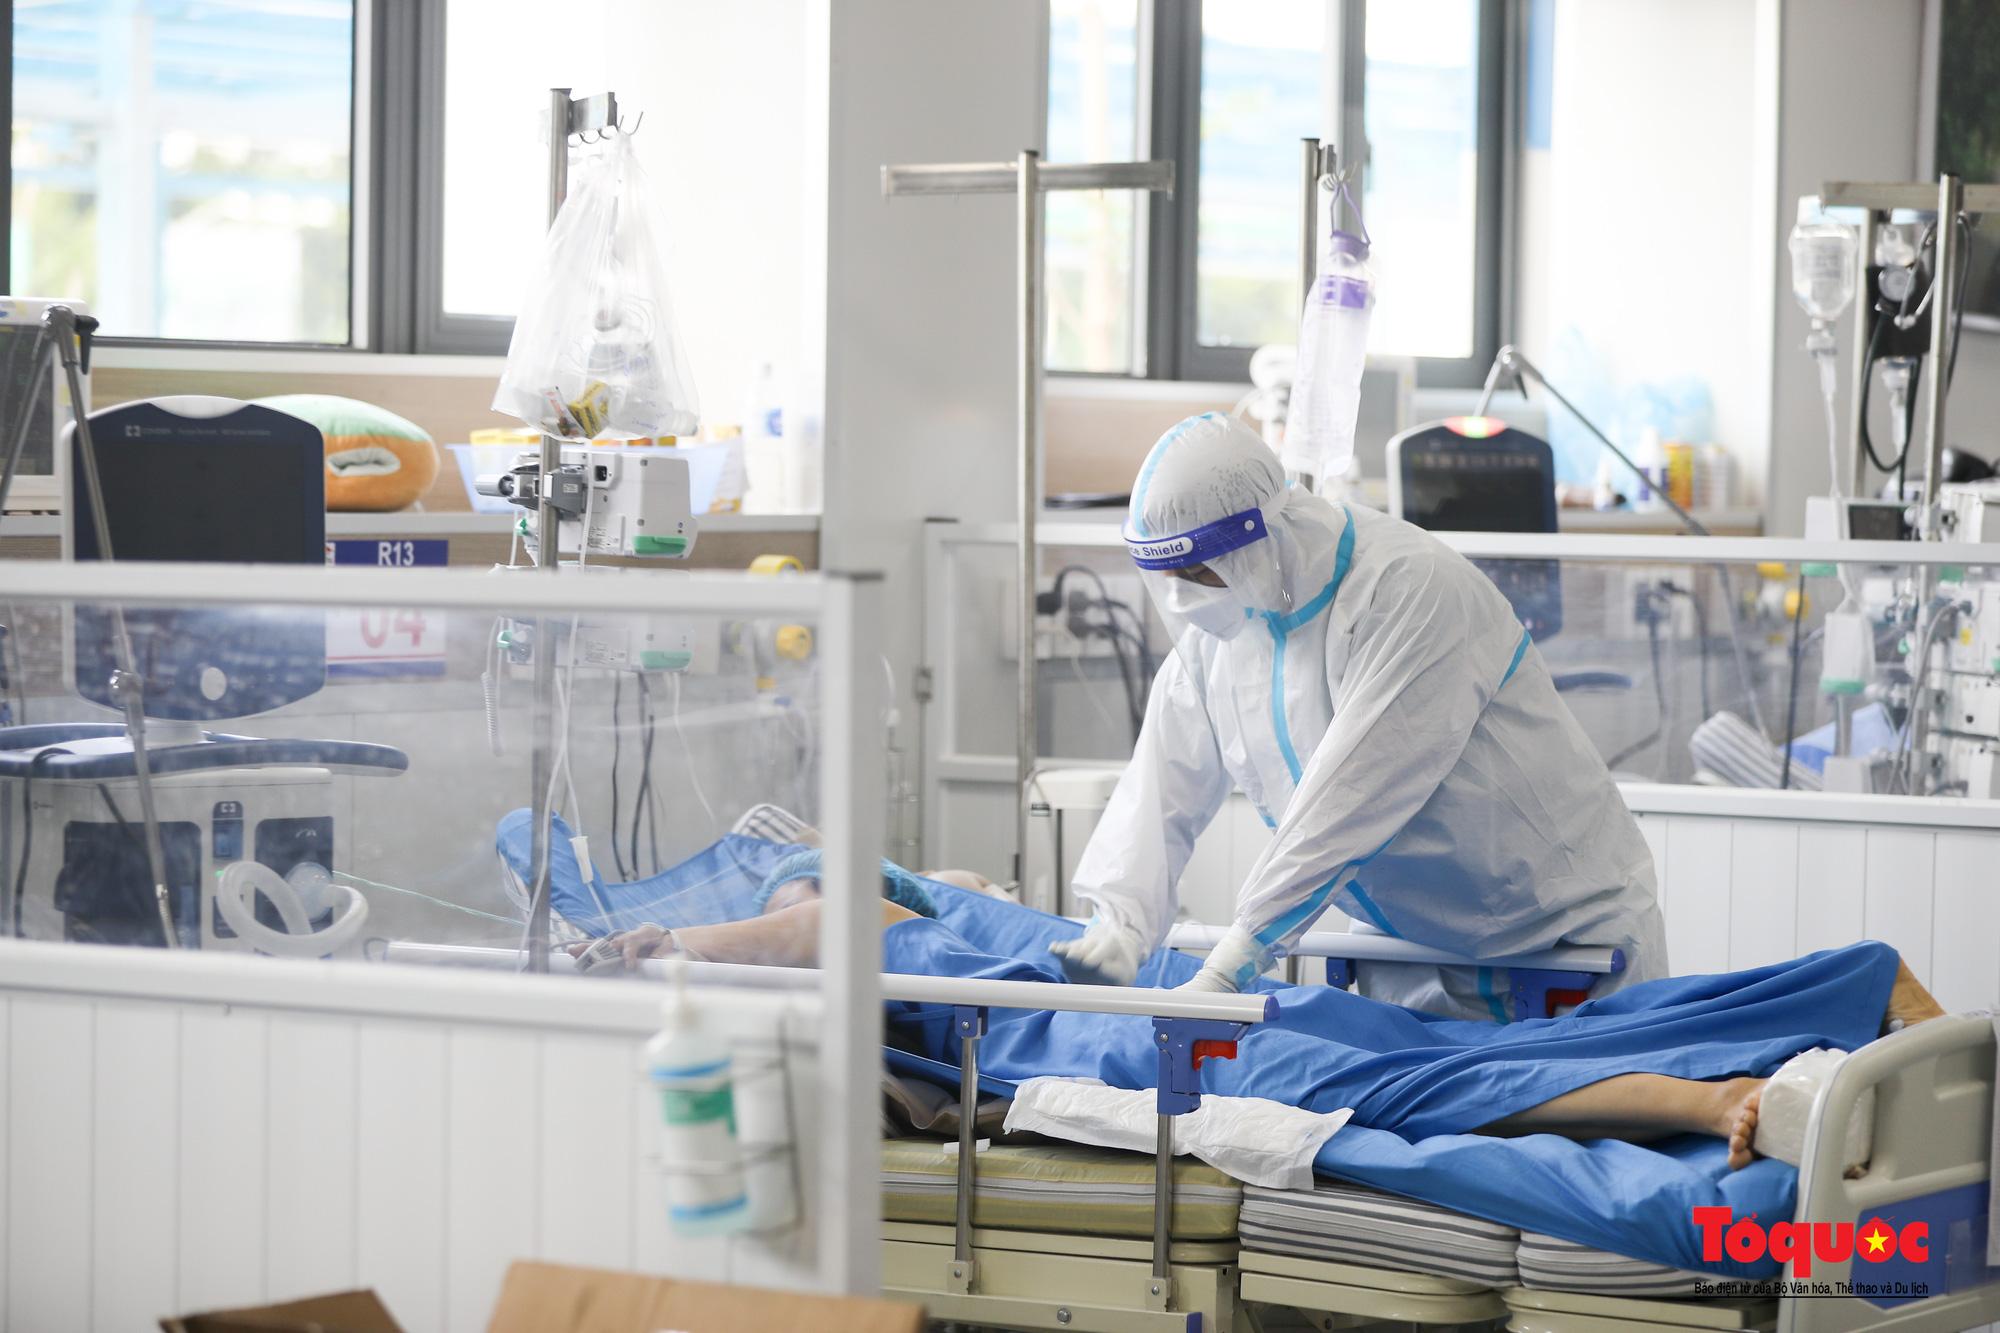 Hà Nội: Cận cảnh bên trong khu điều trị hiện đại của Bệnh viện điều trị người bệnh Covid 19  - Ảnh 14.